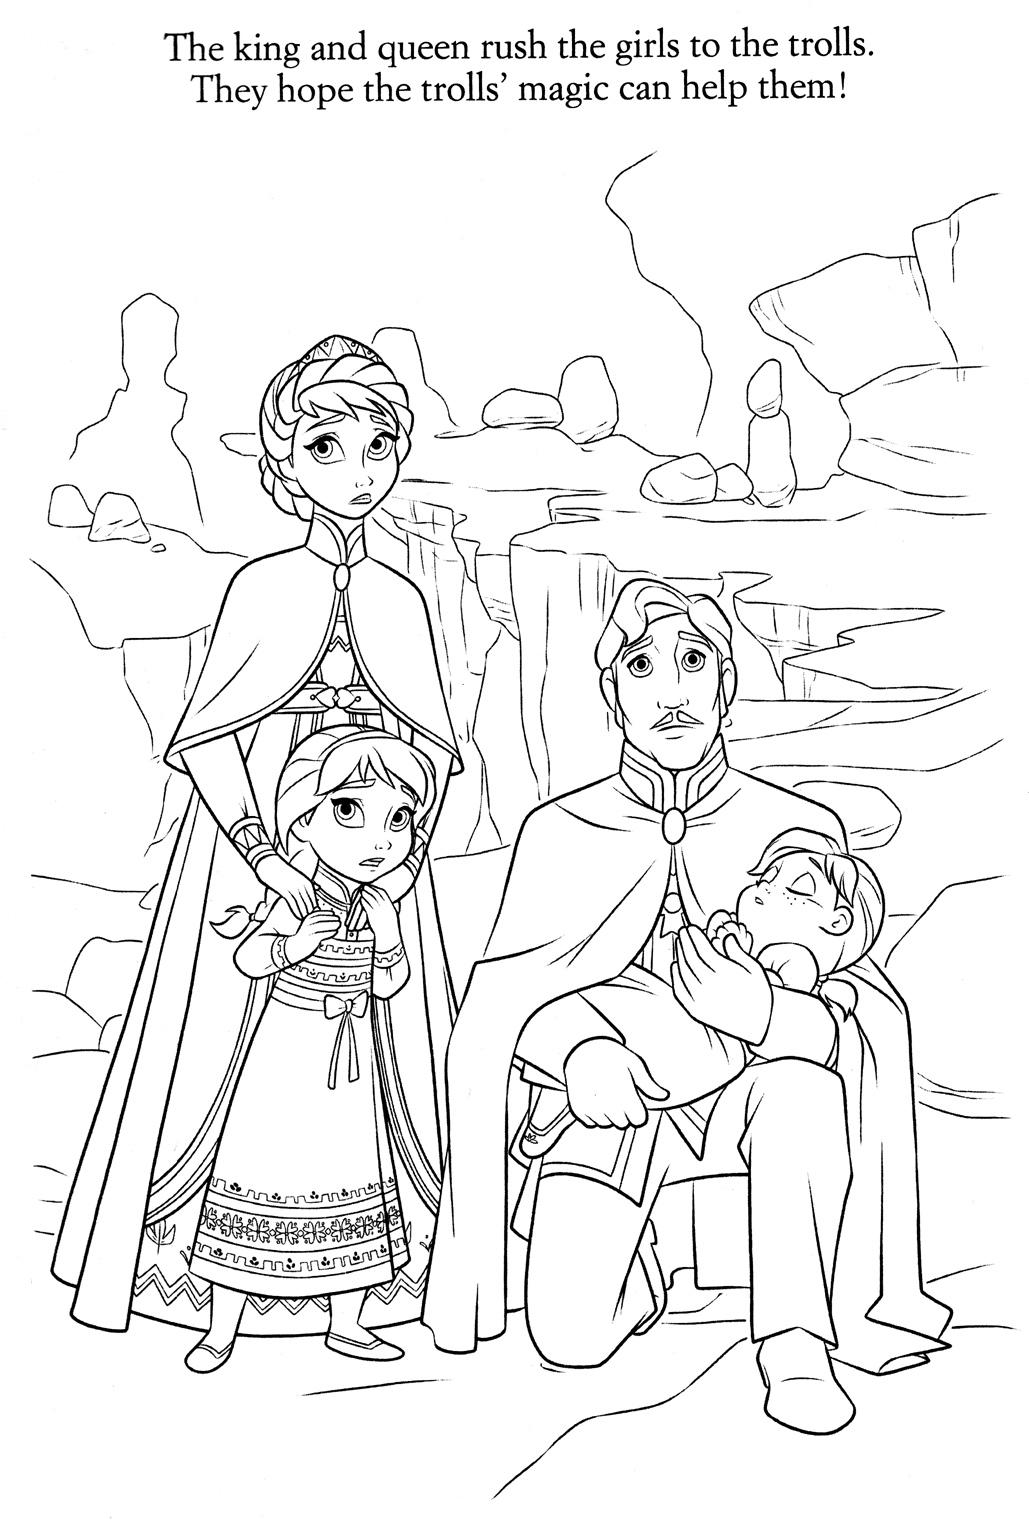 19 dessins de coloriage la reine des neiges olaf imprimer - Le dessin de la reine des neiges ...